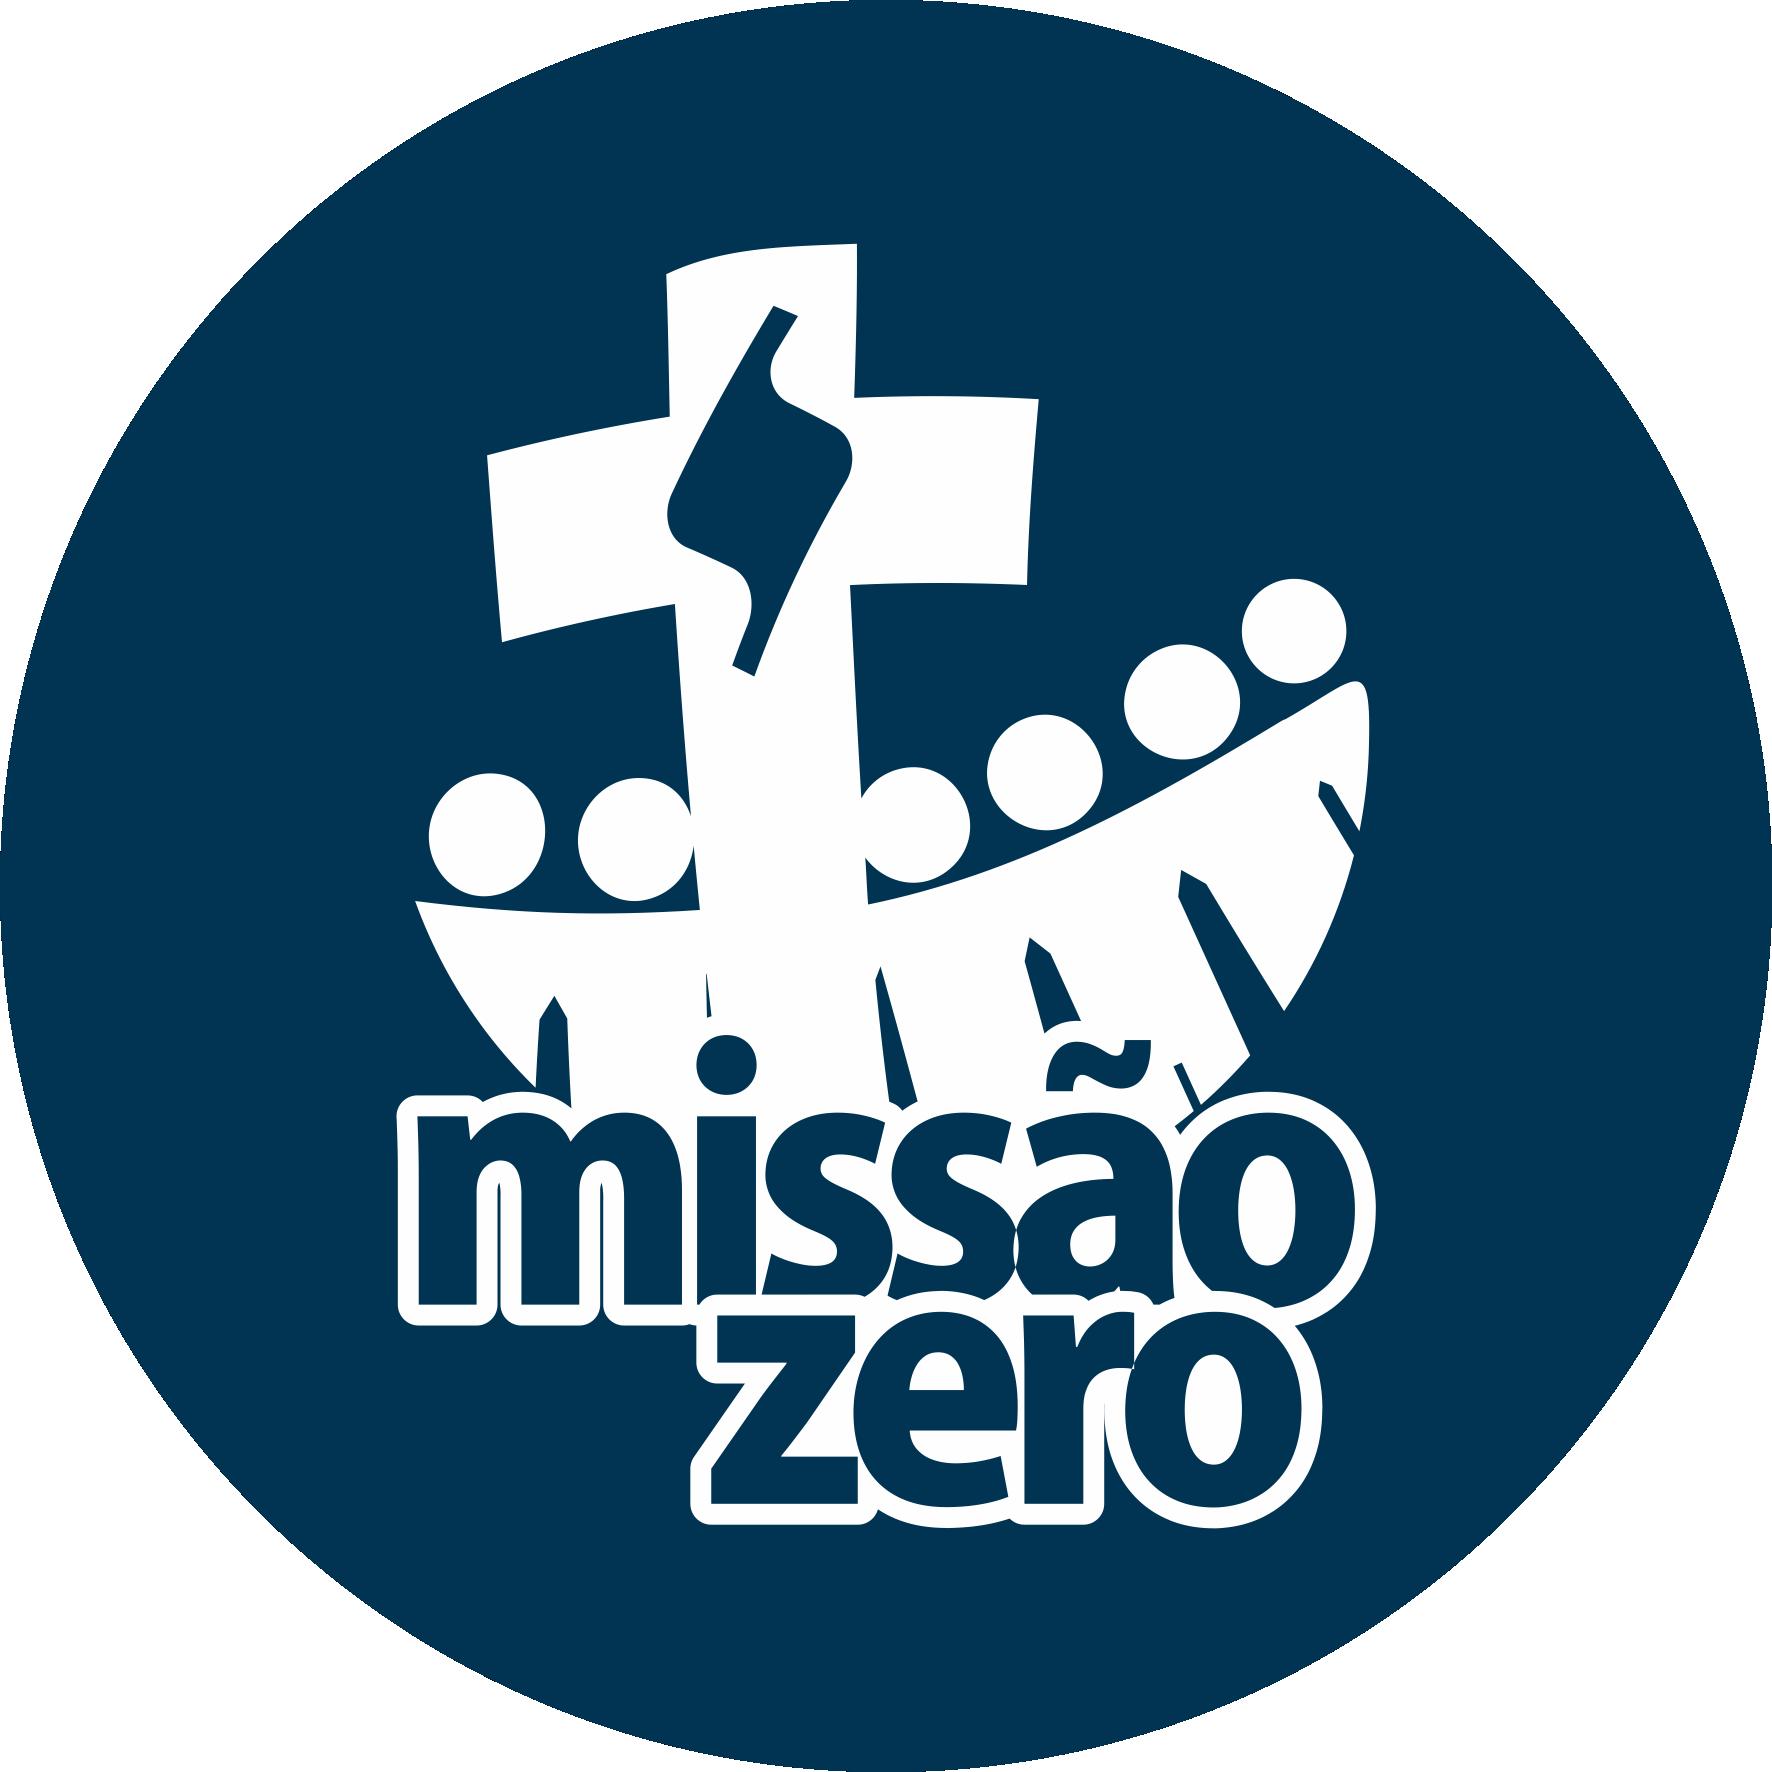 Missão Zero